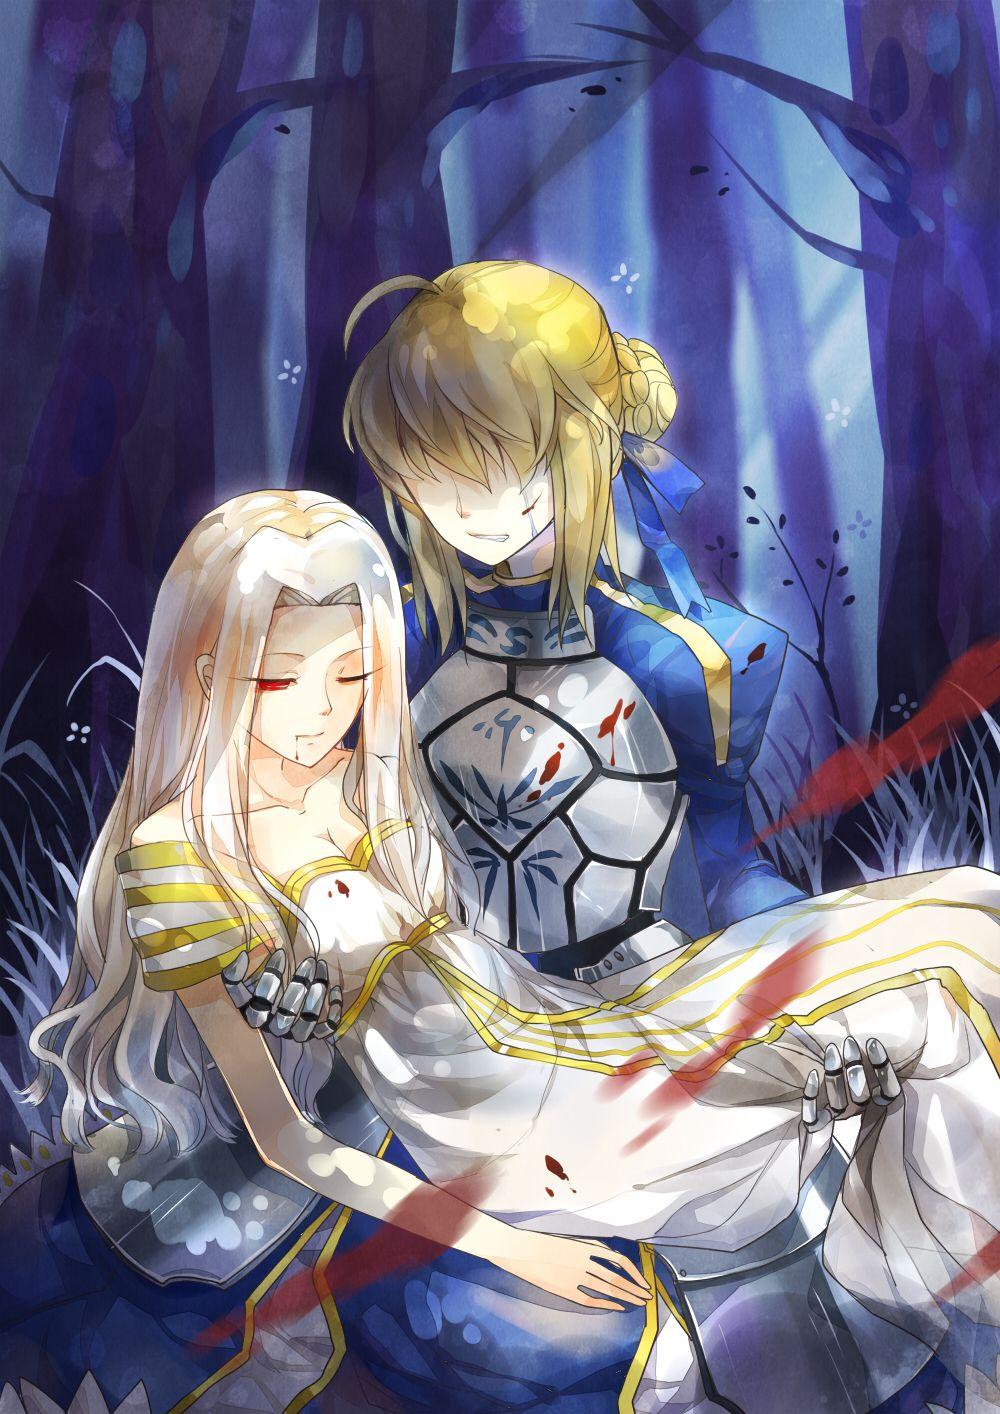 Saber / Irisviel Von Einzbern【Fate/Zero】 Fate anime